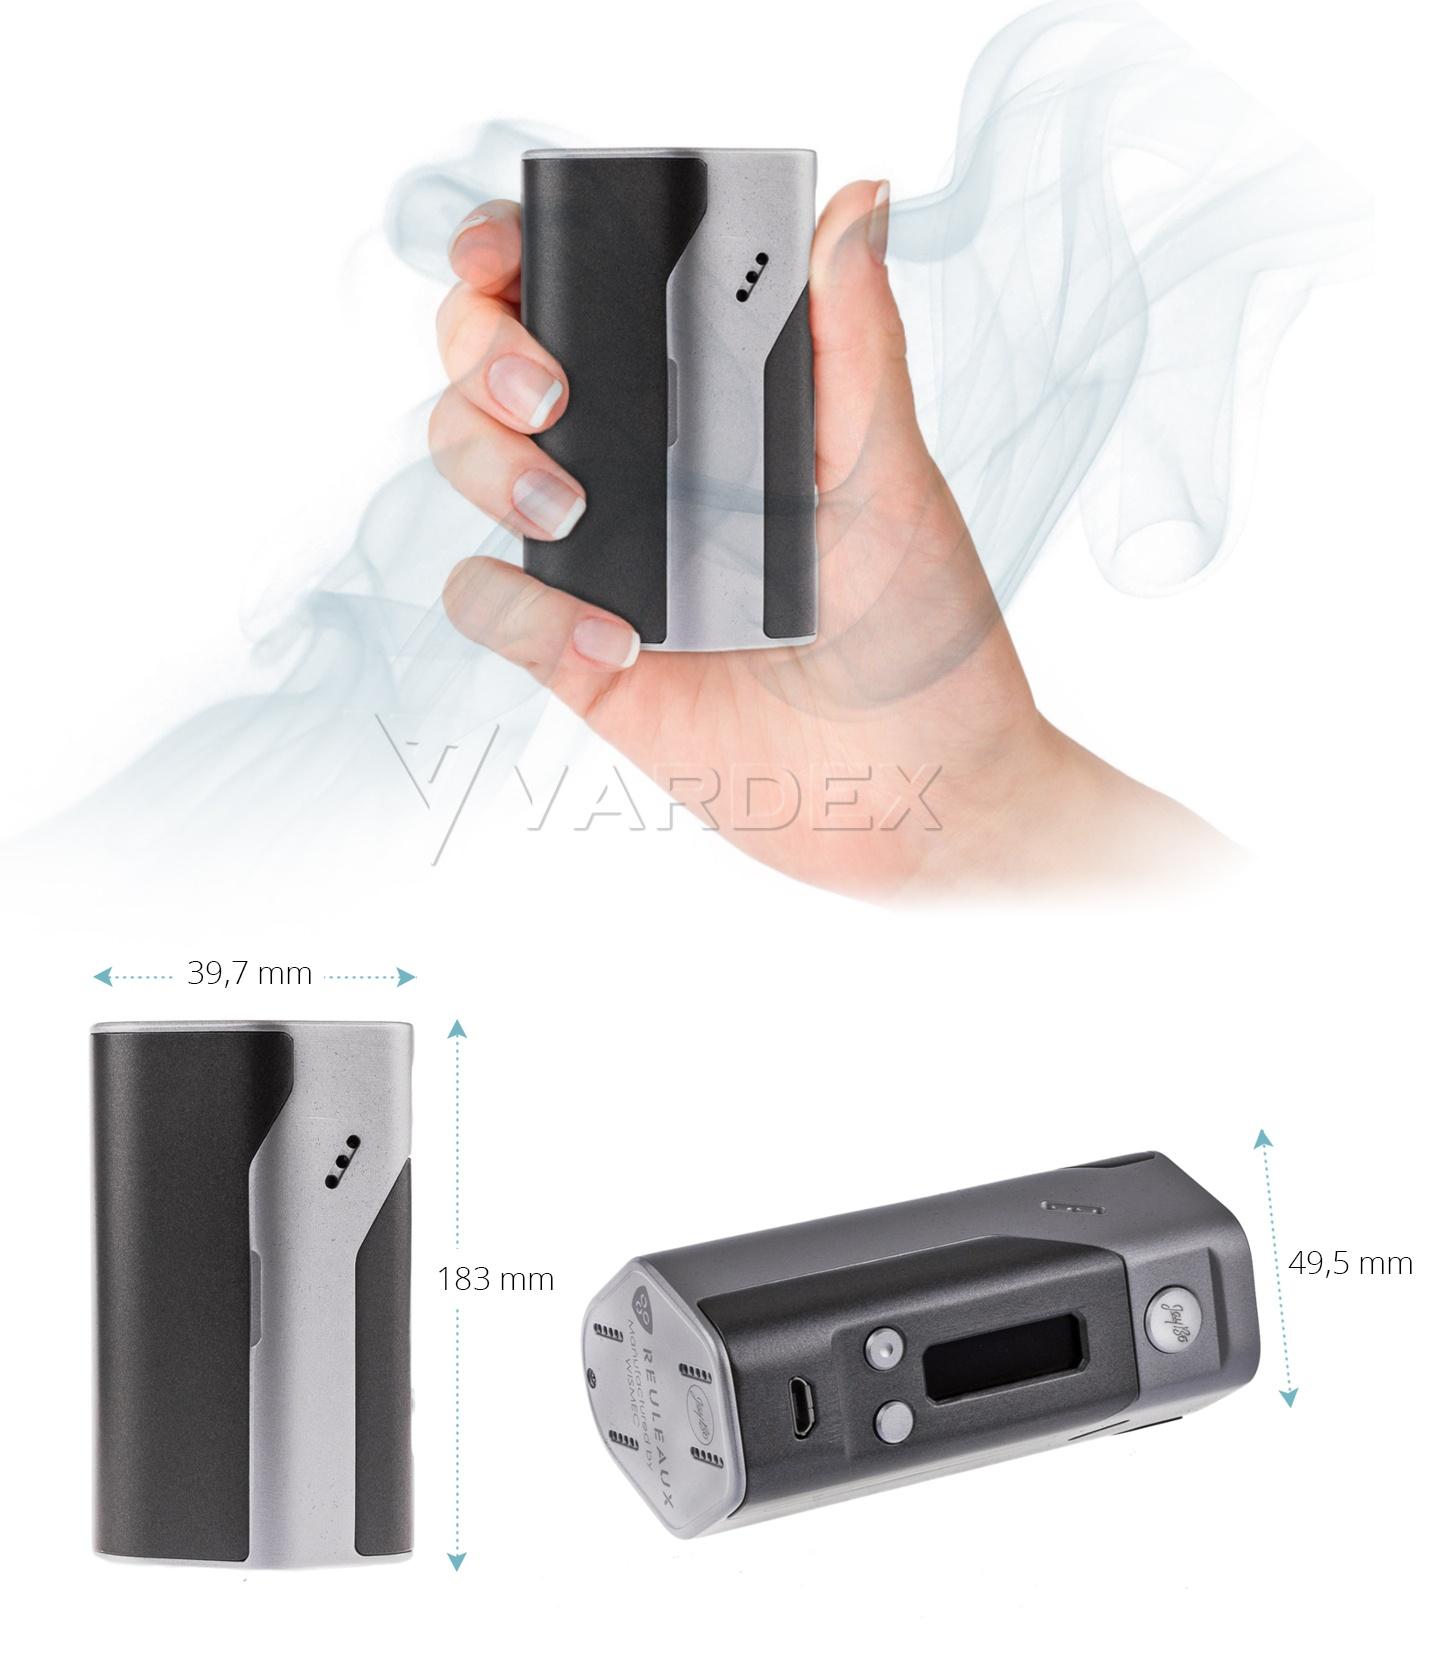 Reulaux - устройство довольно компактно и неплохо ложится в руку